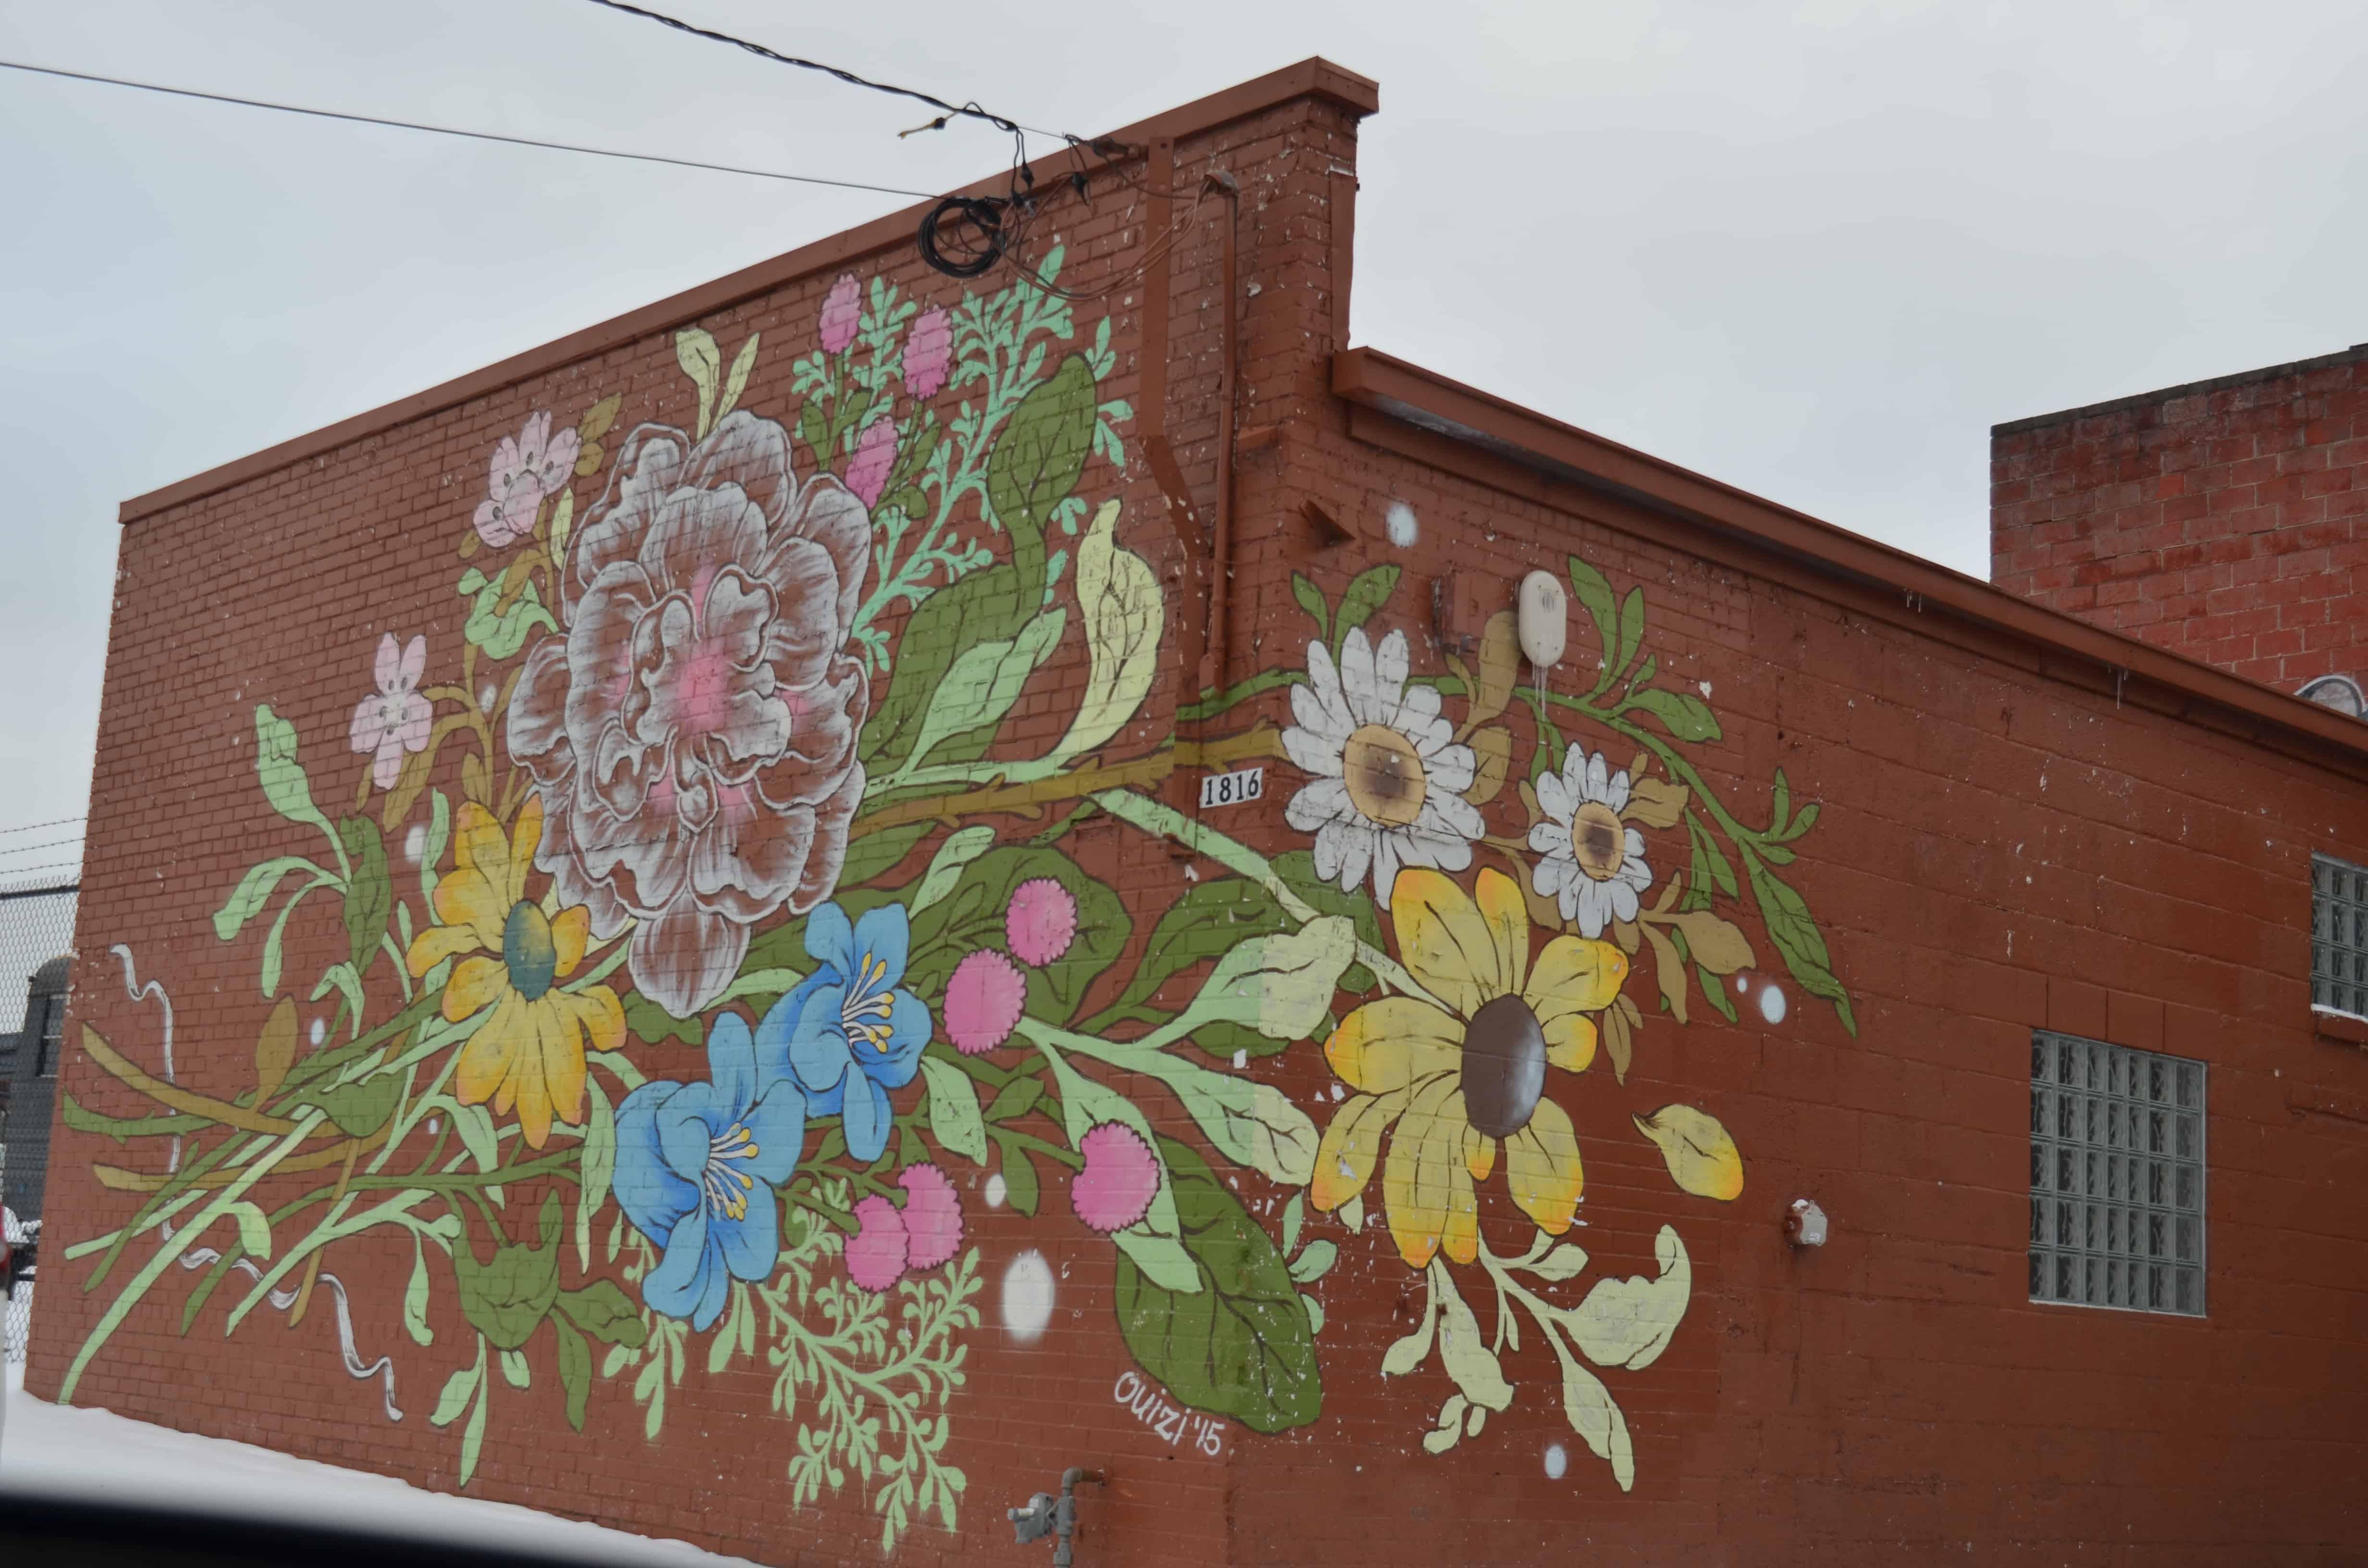 flower street art mural Detroit